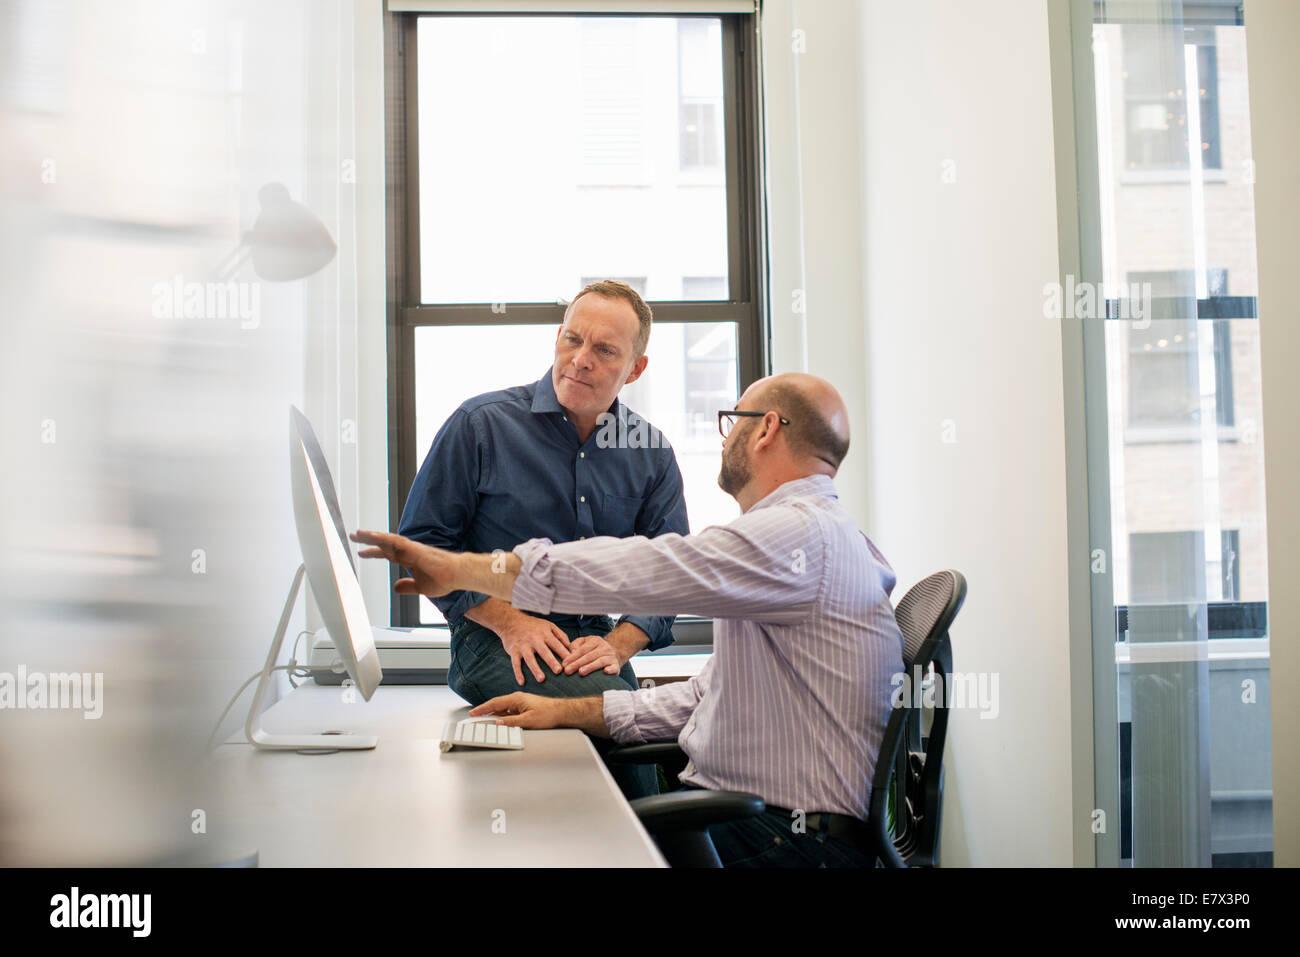 Due colleghi di lavoro in un ufficio a parlare e facendo riferimento allo schermo di un computer. Immagini Stock